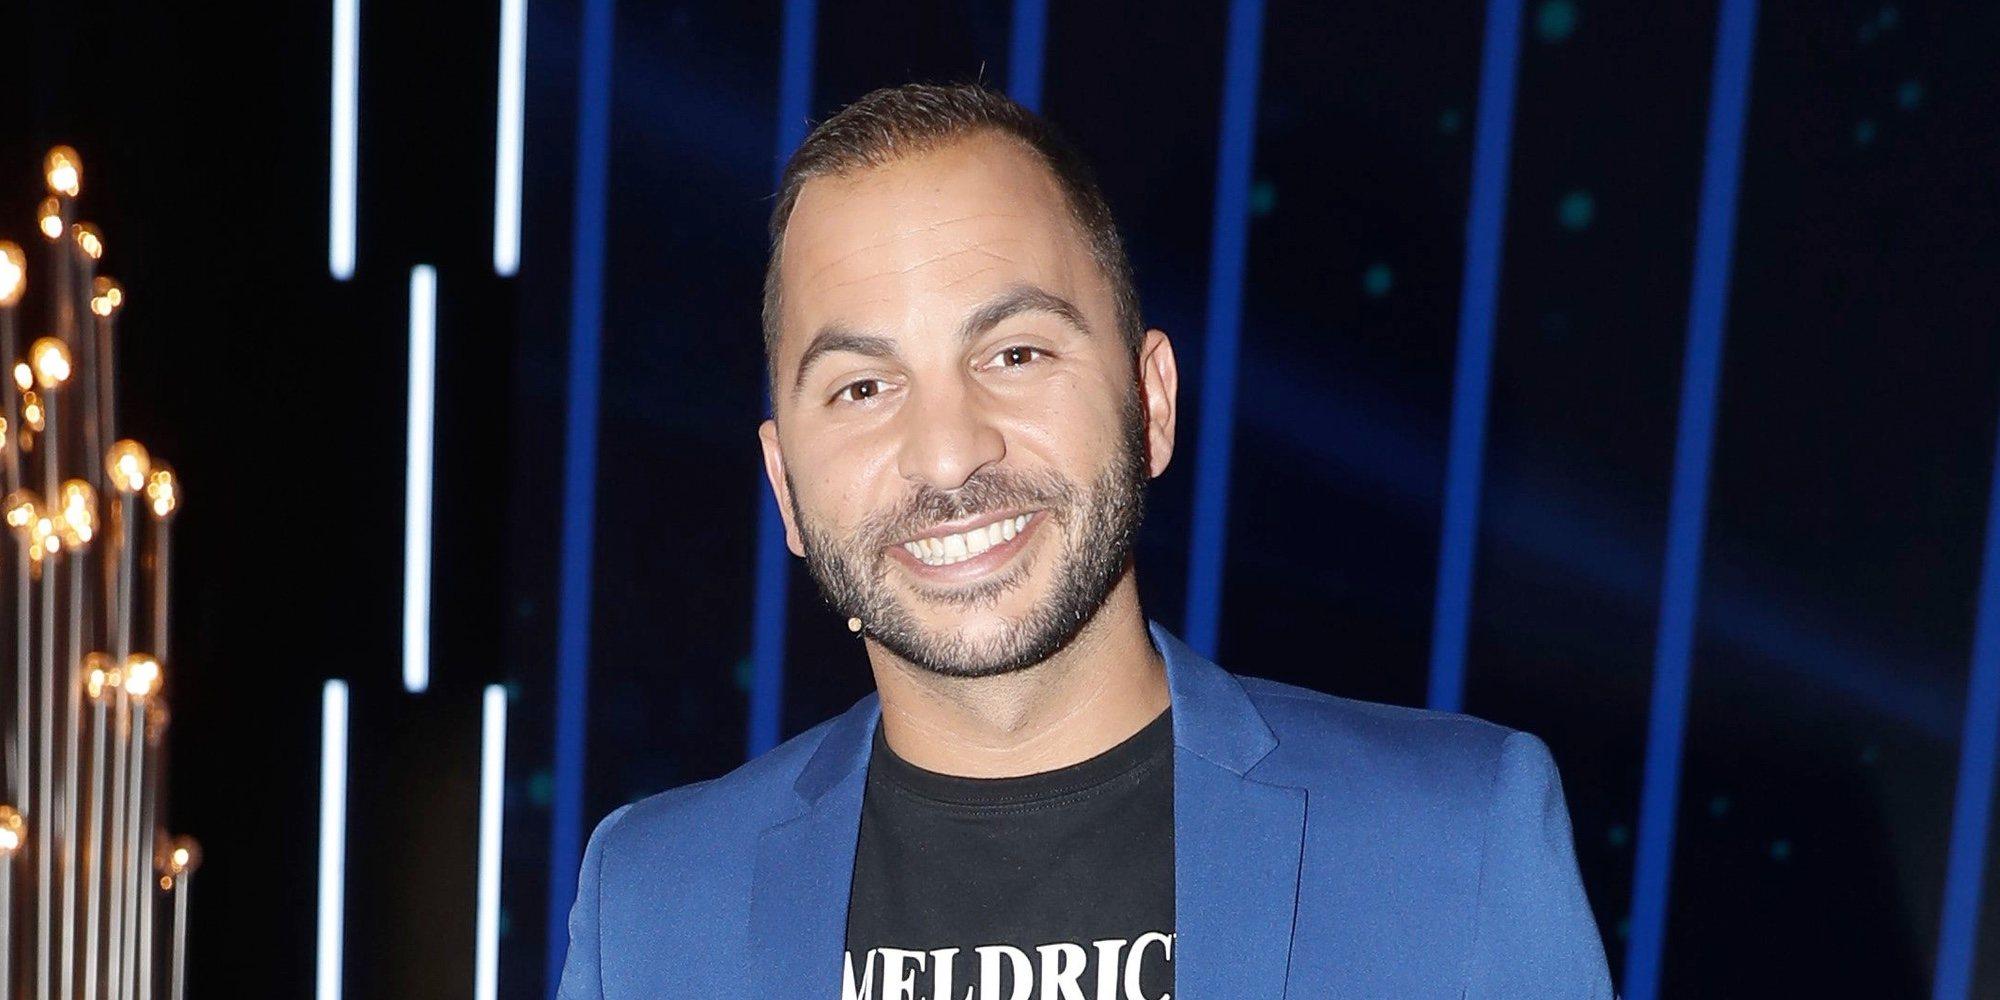 Antonio Tejado confiesa su adicción al alcohol y las drogas